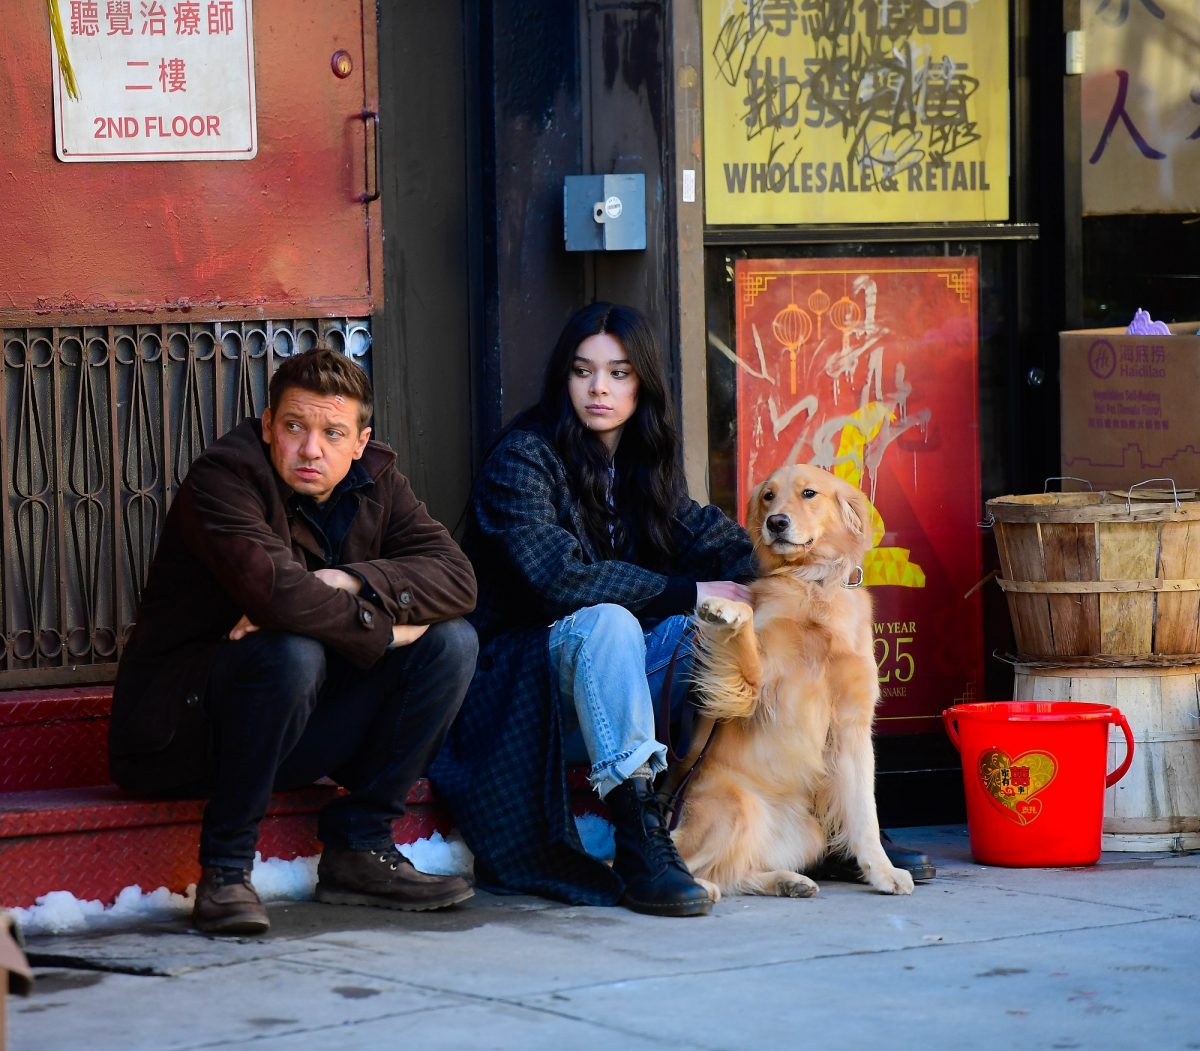 hawkeye kate bishop and pizza dog